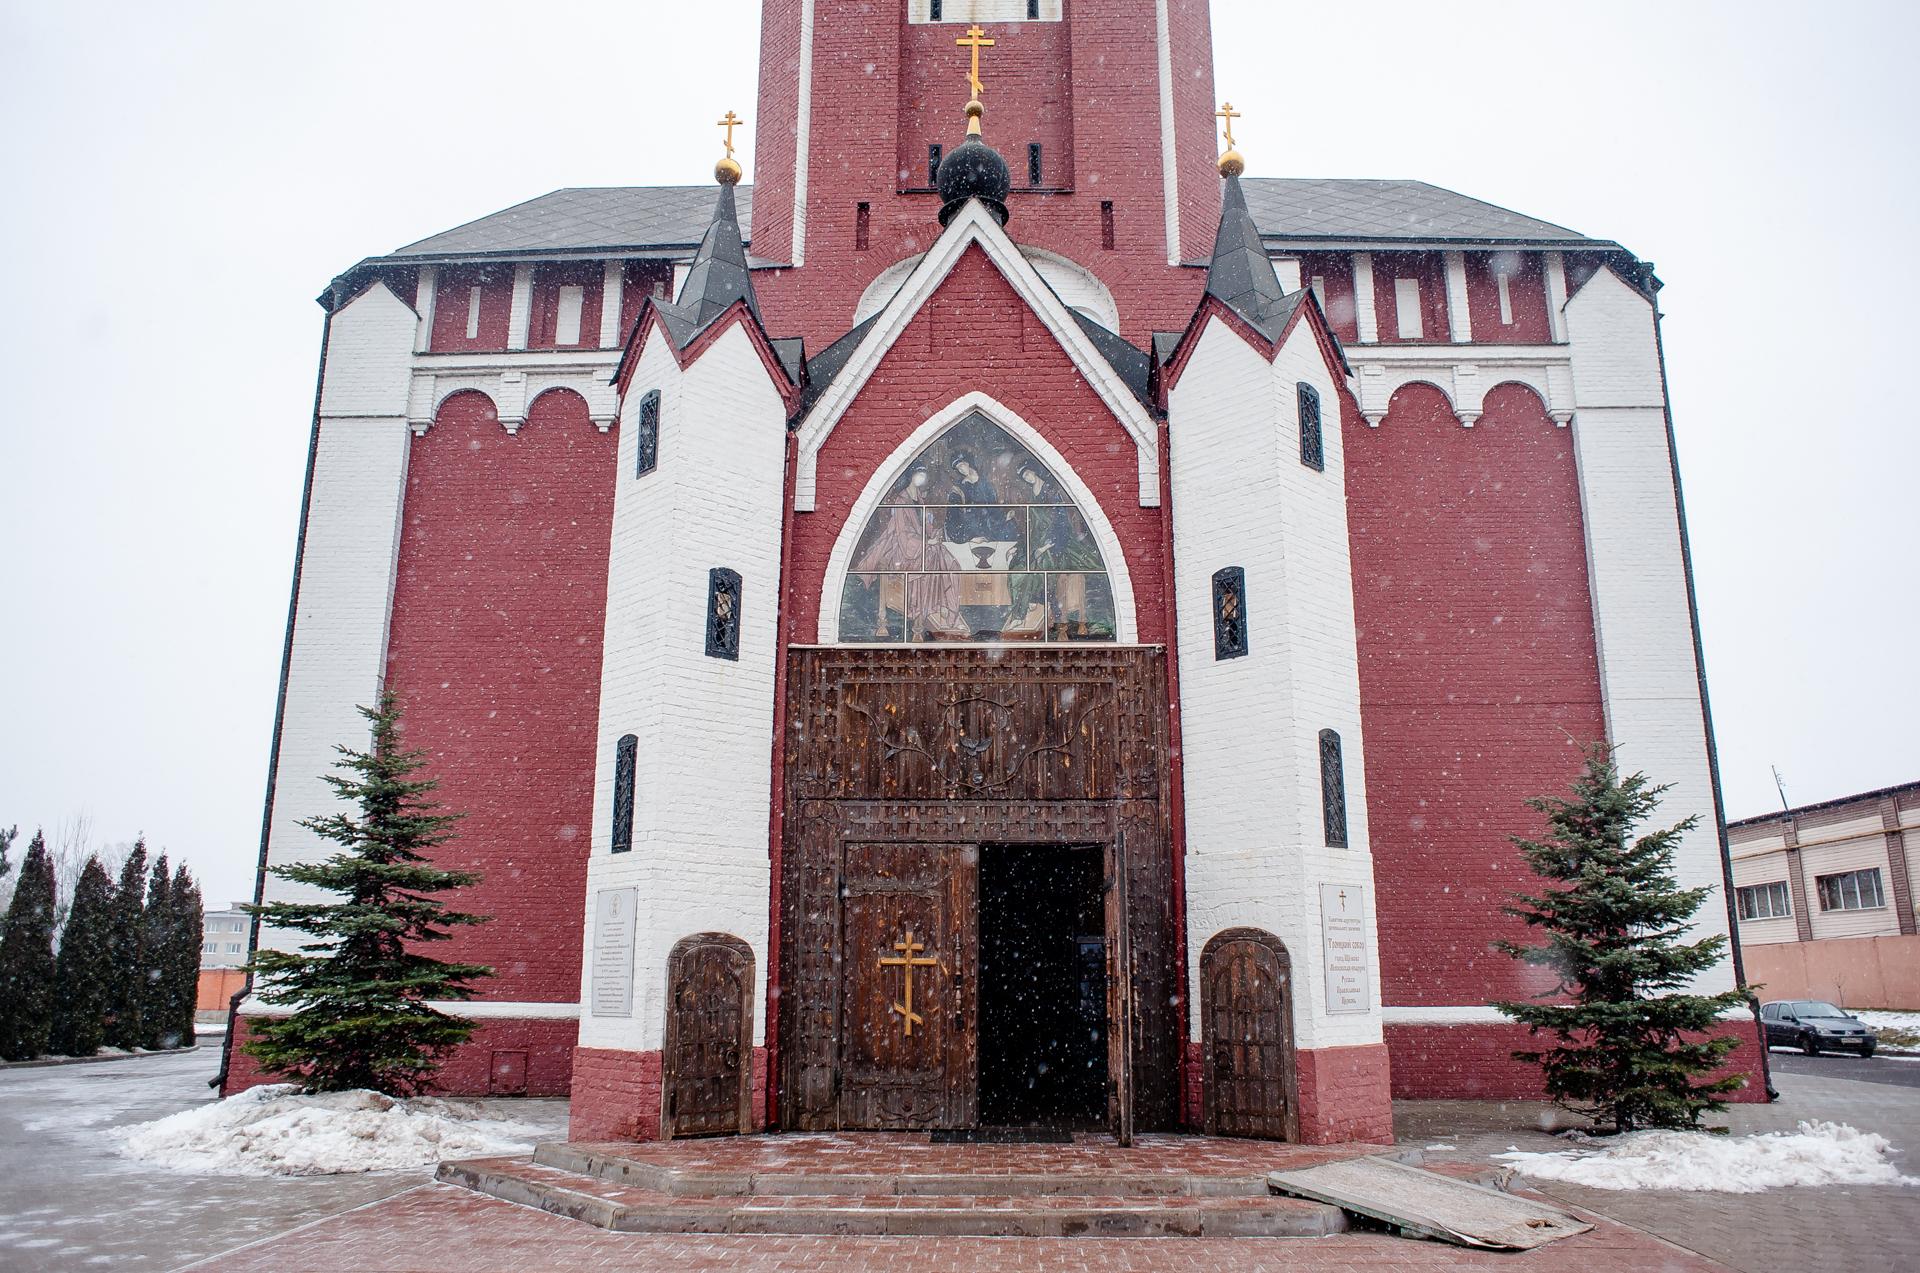 Щелковское  направление, Щёлково, Троицкий Собор